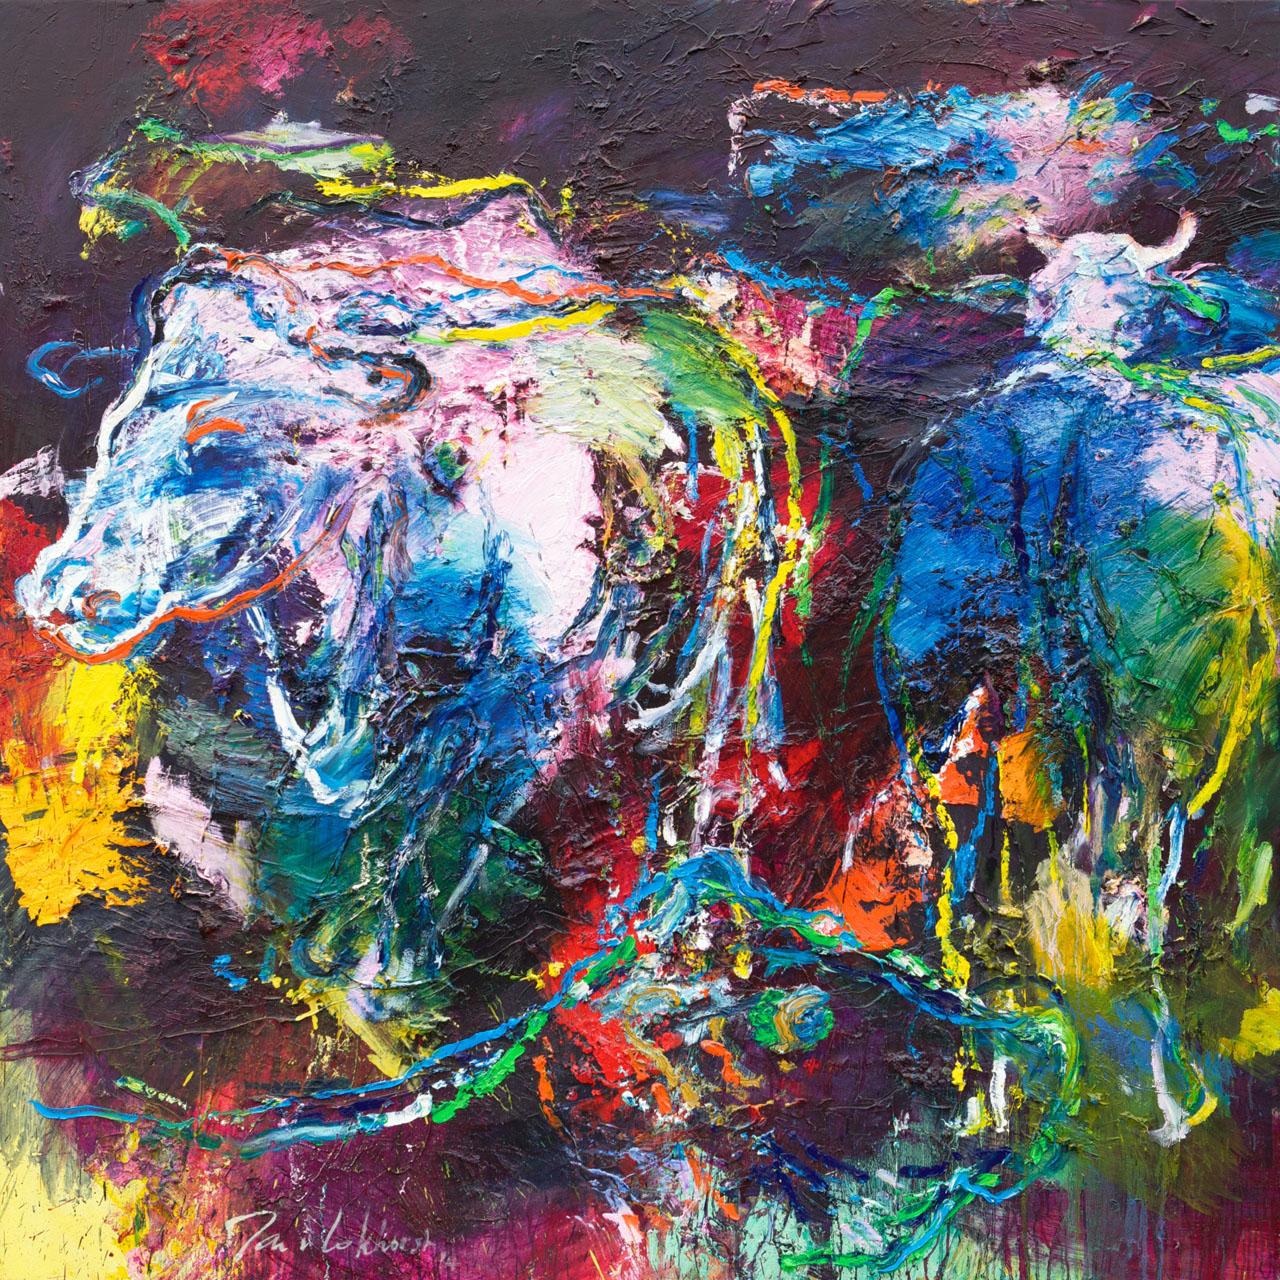 Schilderij koe kleurrijk